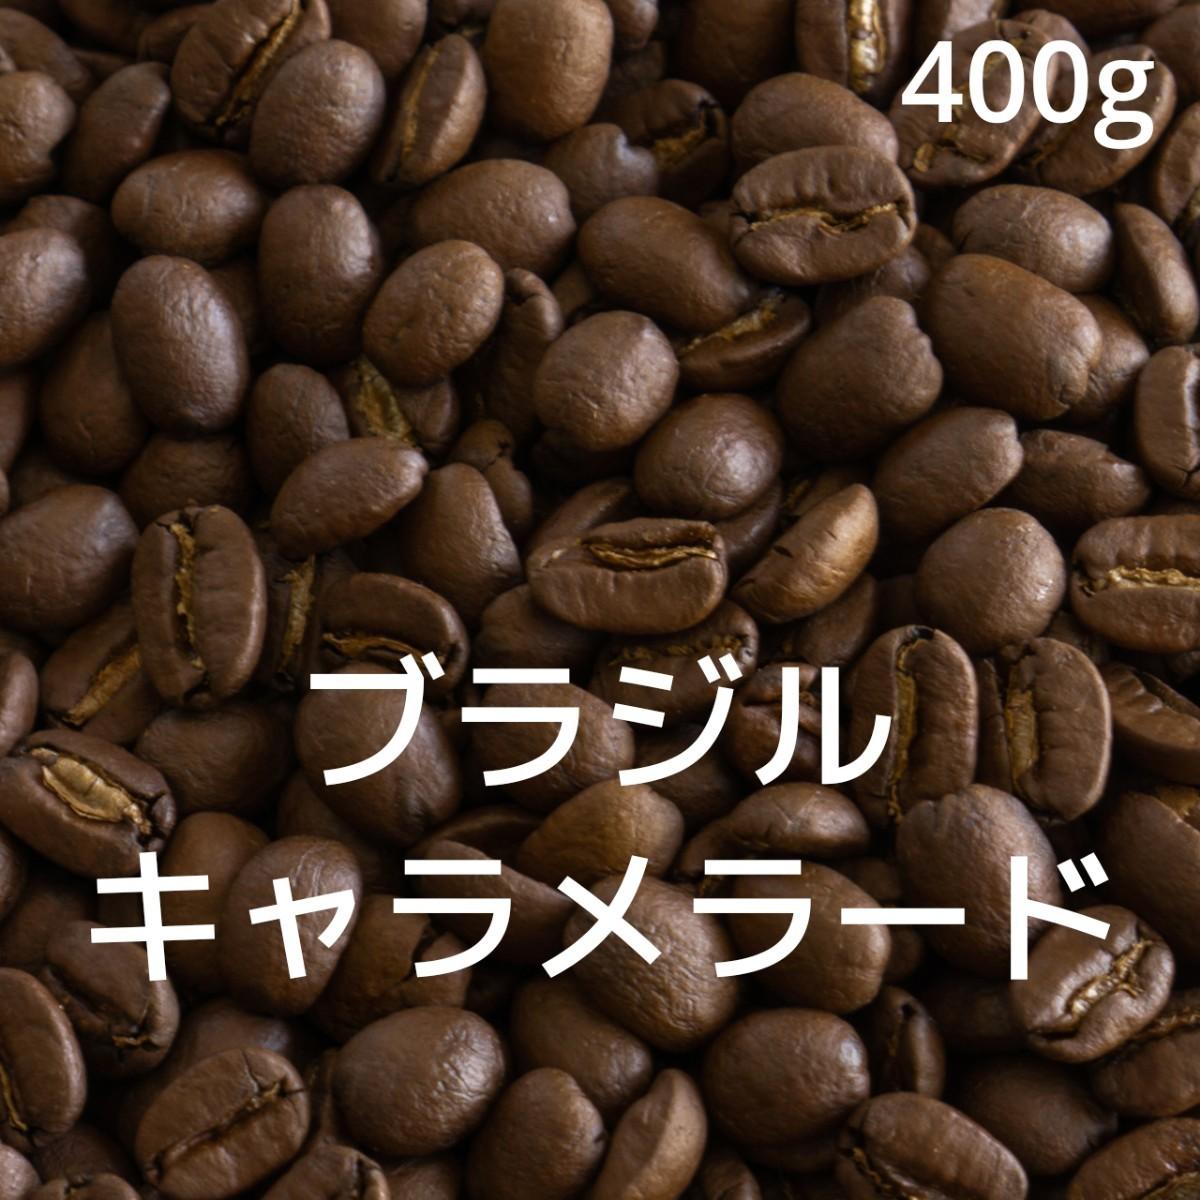 ブラジル キャラメラード 400g 自家焙煎 コーヒー豆